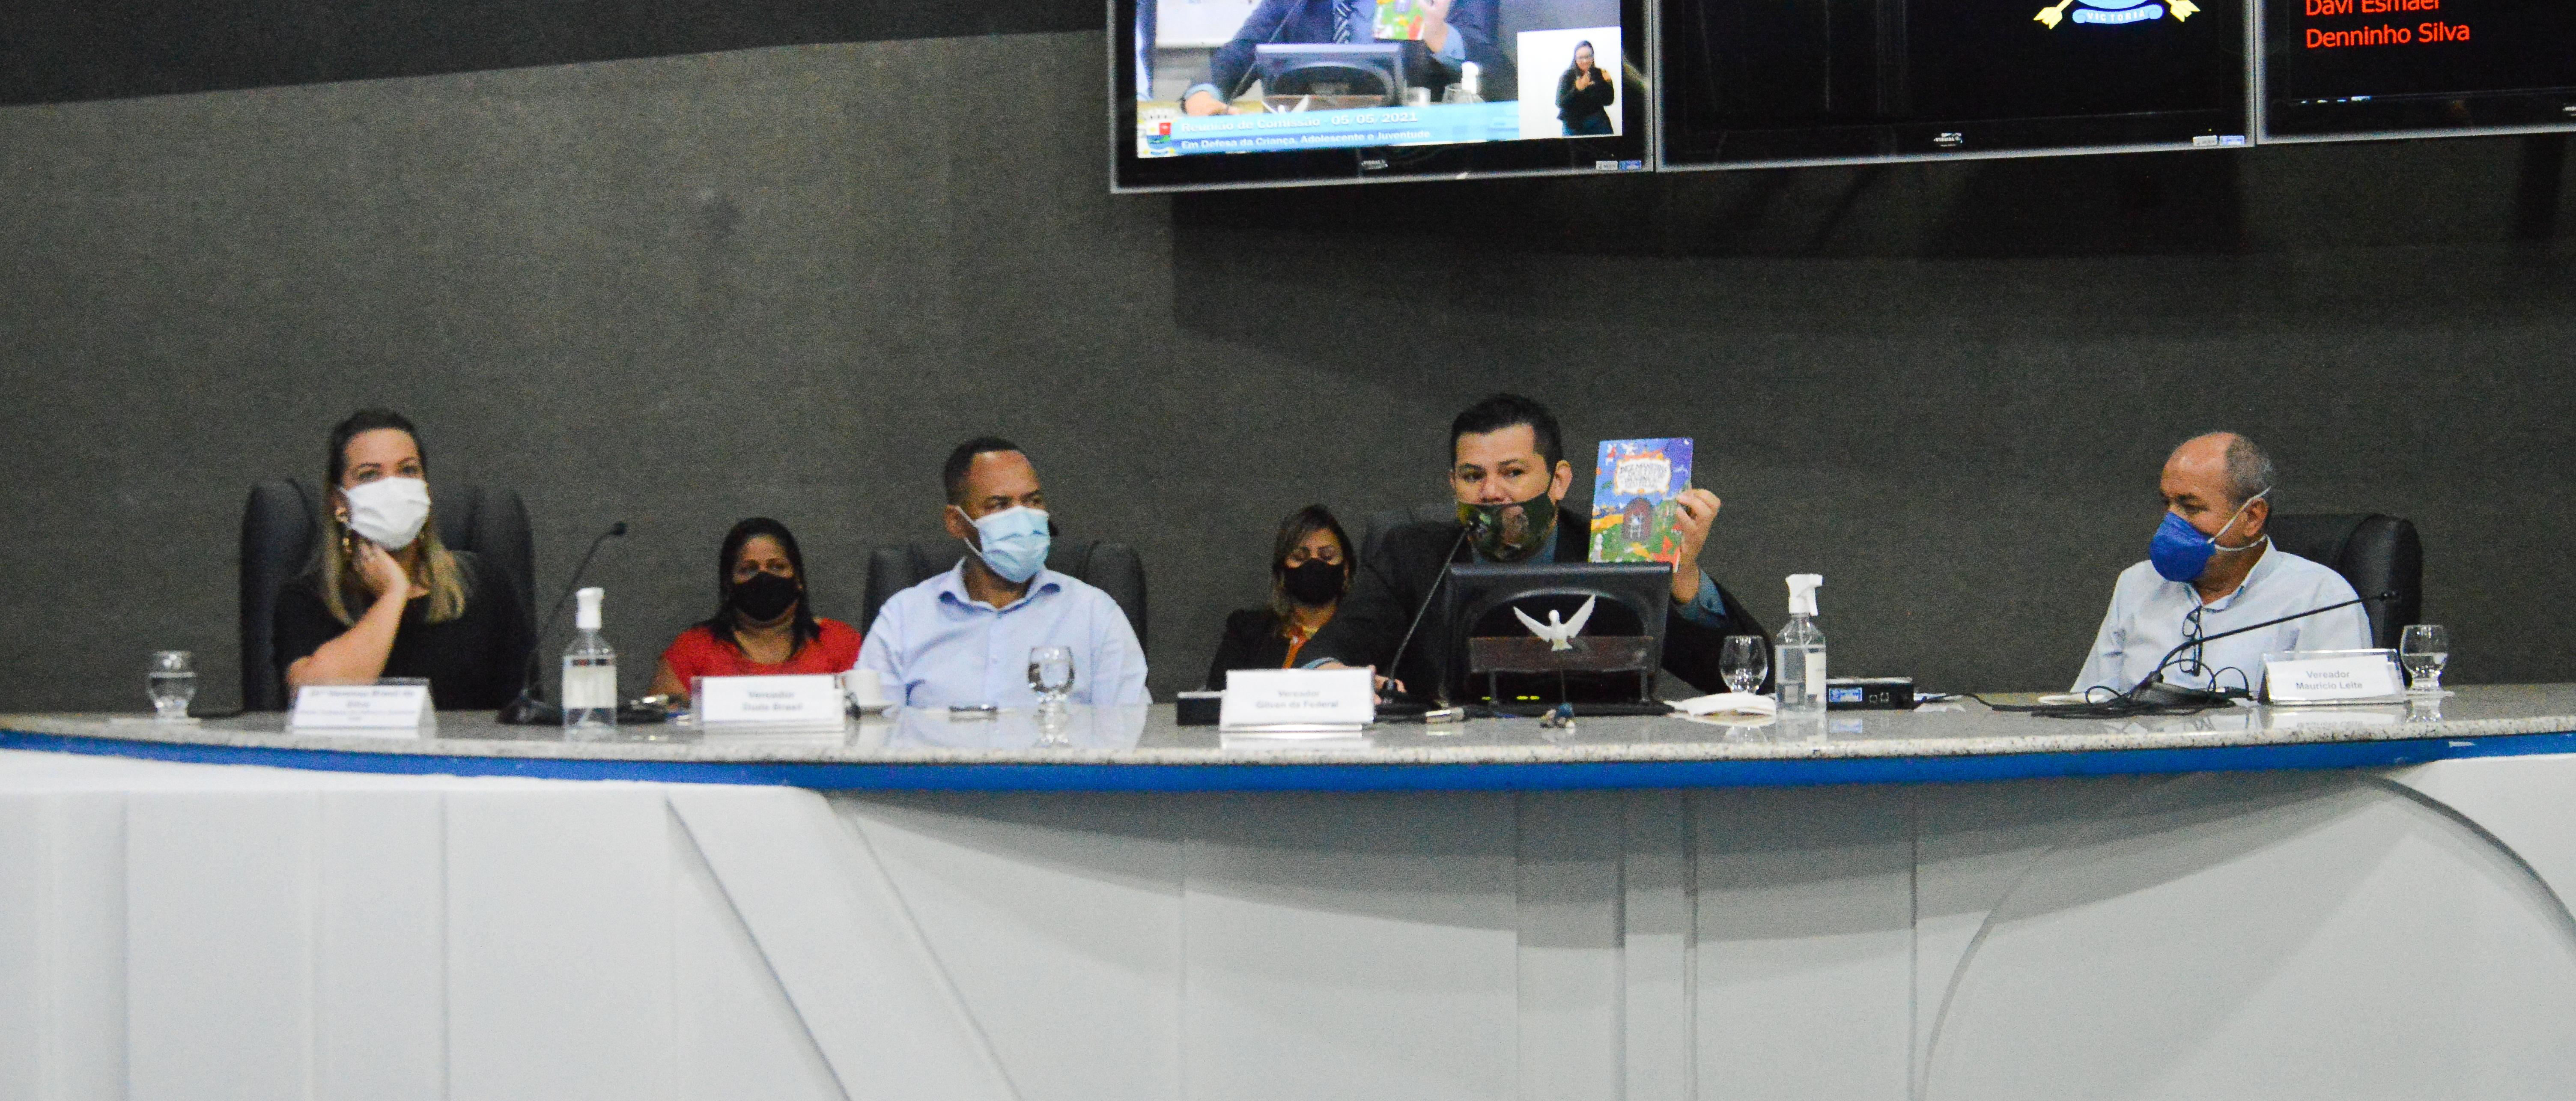 Comissões debatem ações de proteção para a criança